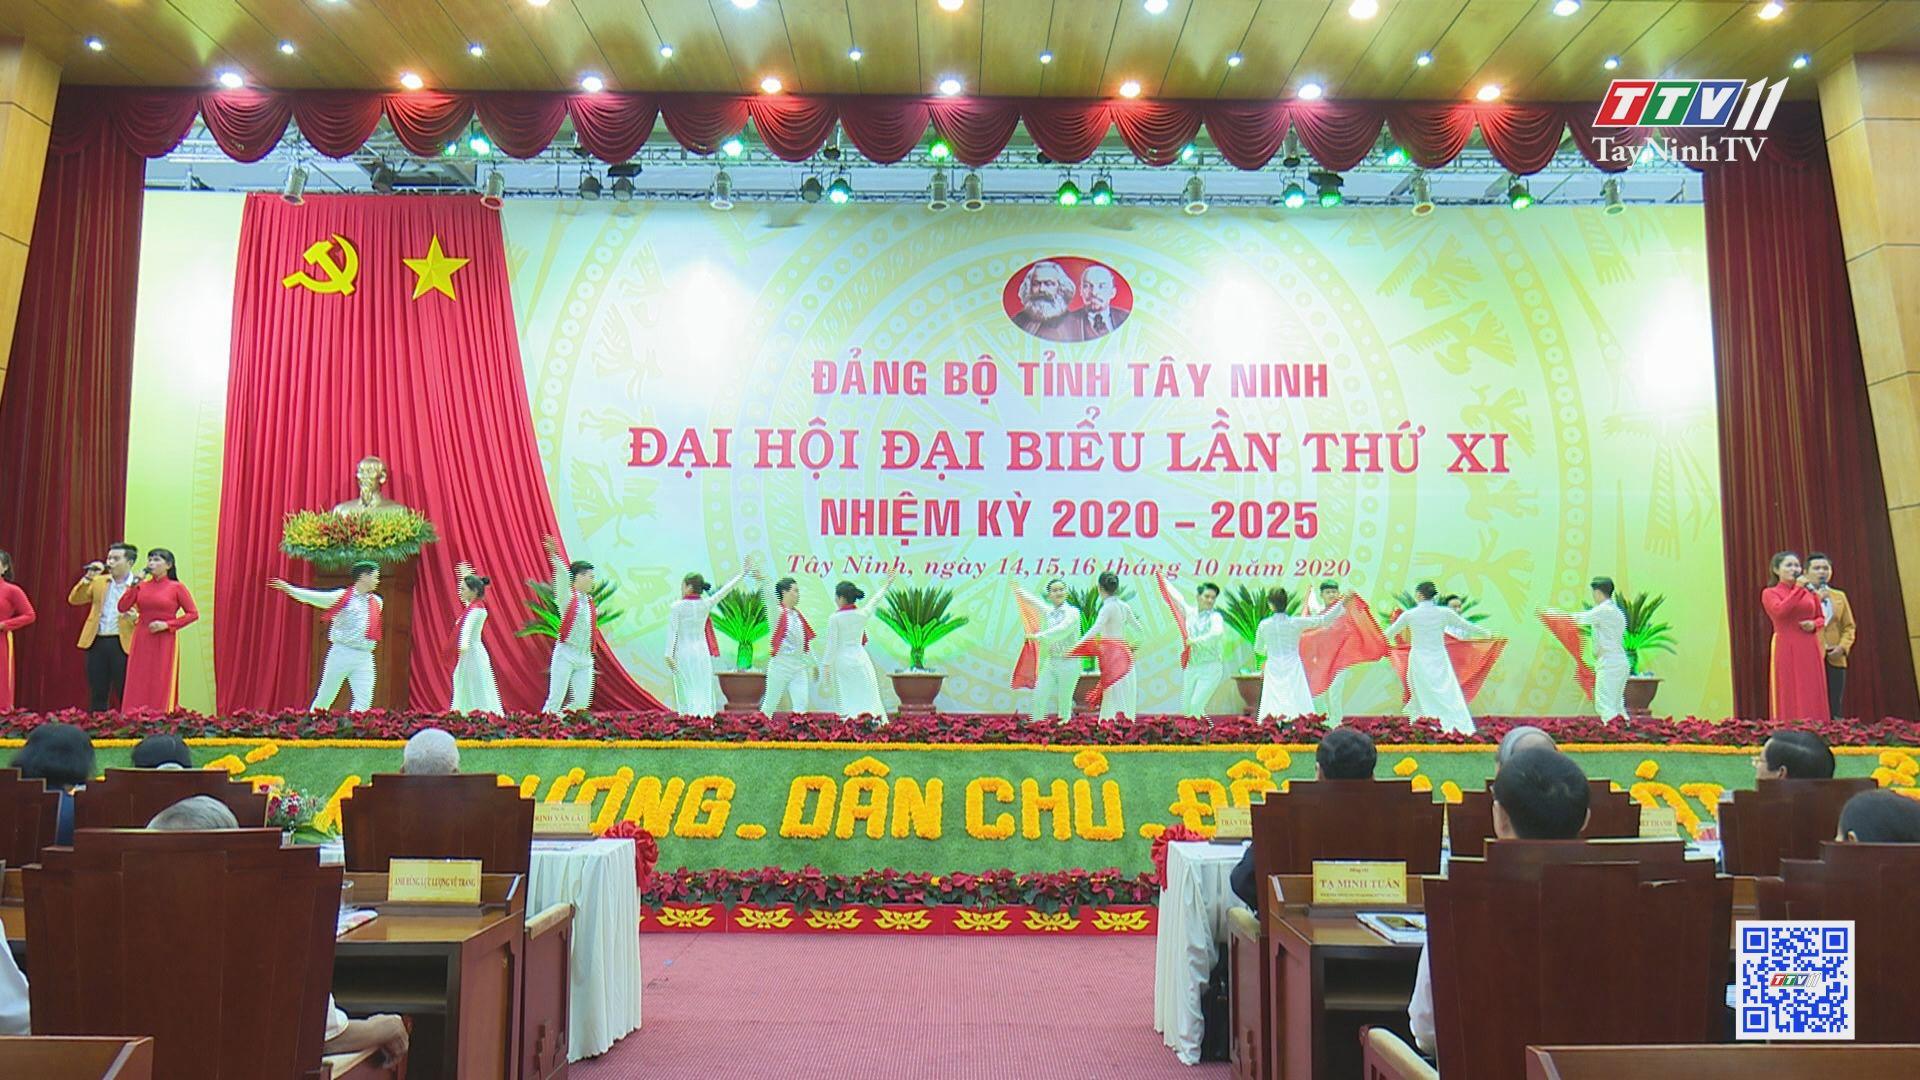 Khai mạc Đại hội Đại biểu Đảng bộ tỉnh Tây Ninh lần thứ XI, nhiệm kỳ 2020 - 2025 | TayNinhTV